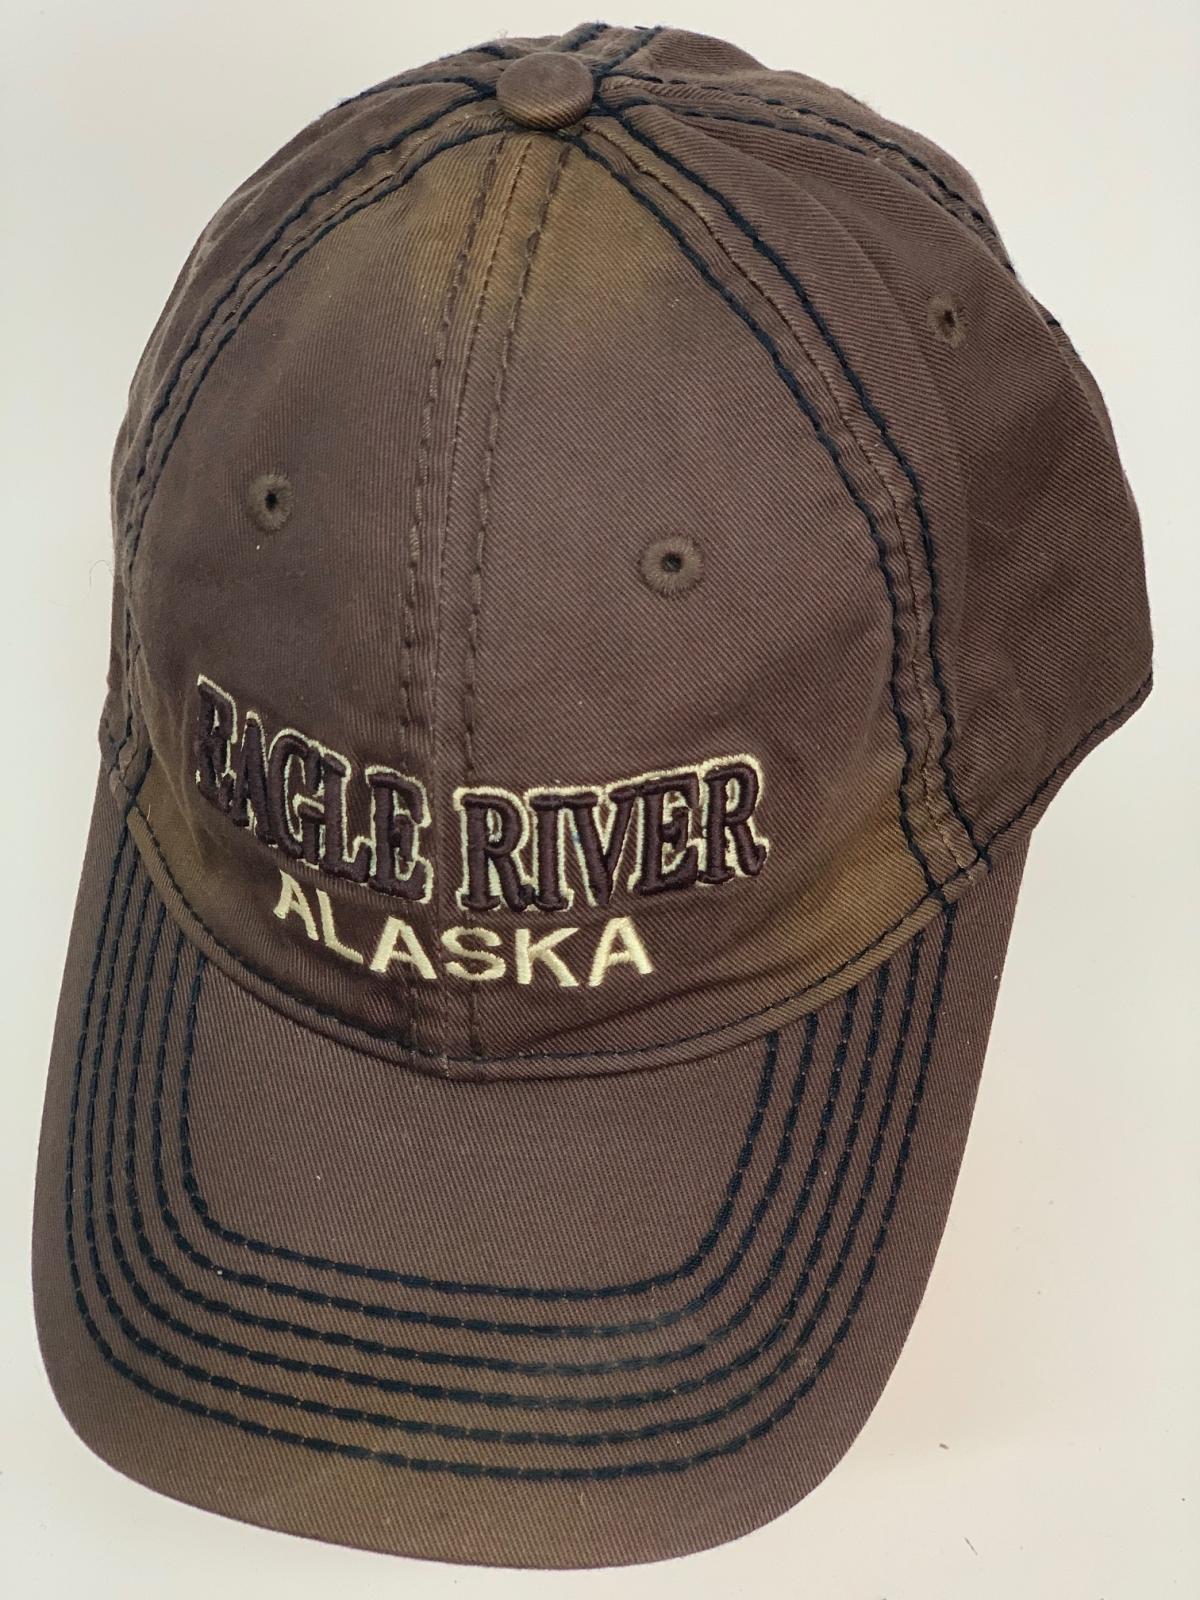 Бейсболка Alaska темно-коричневого цвета